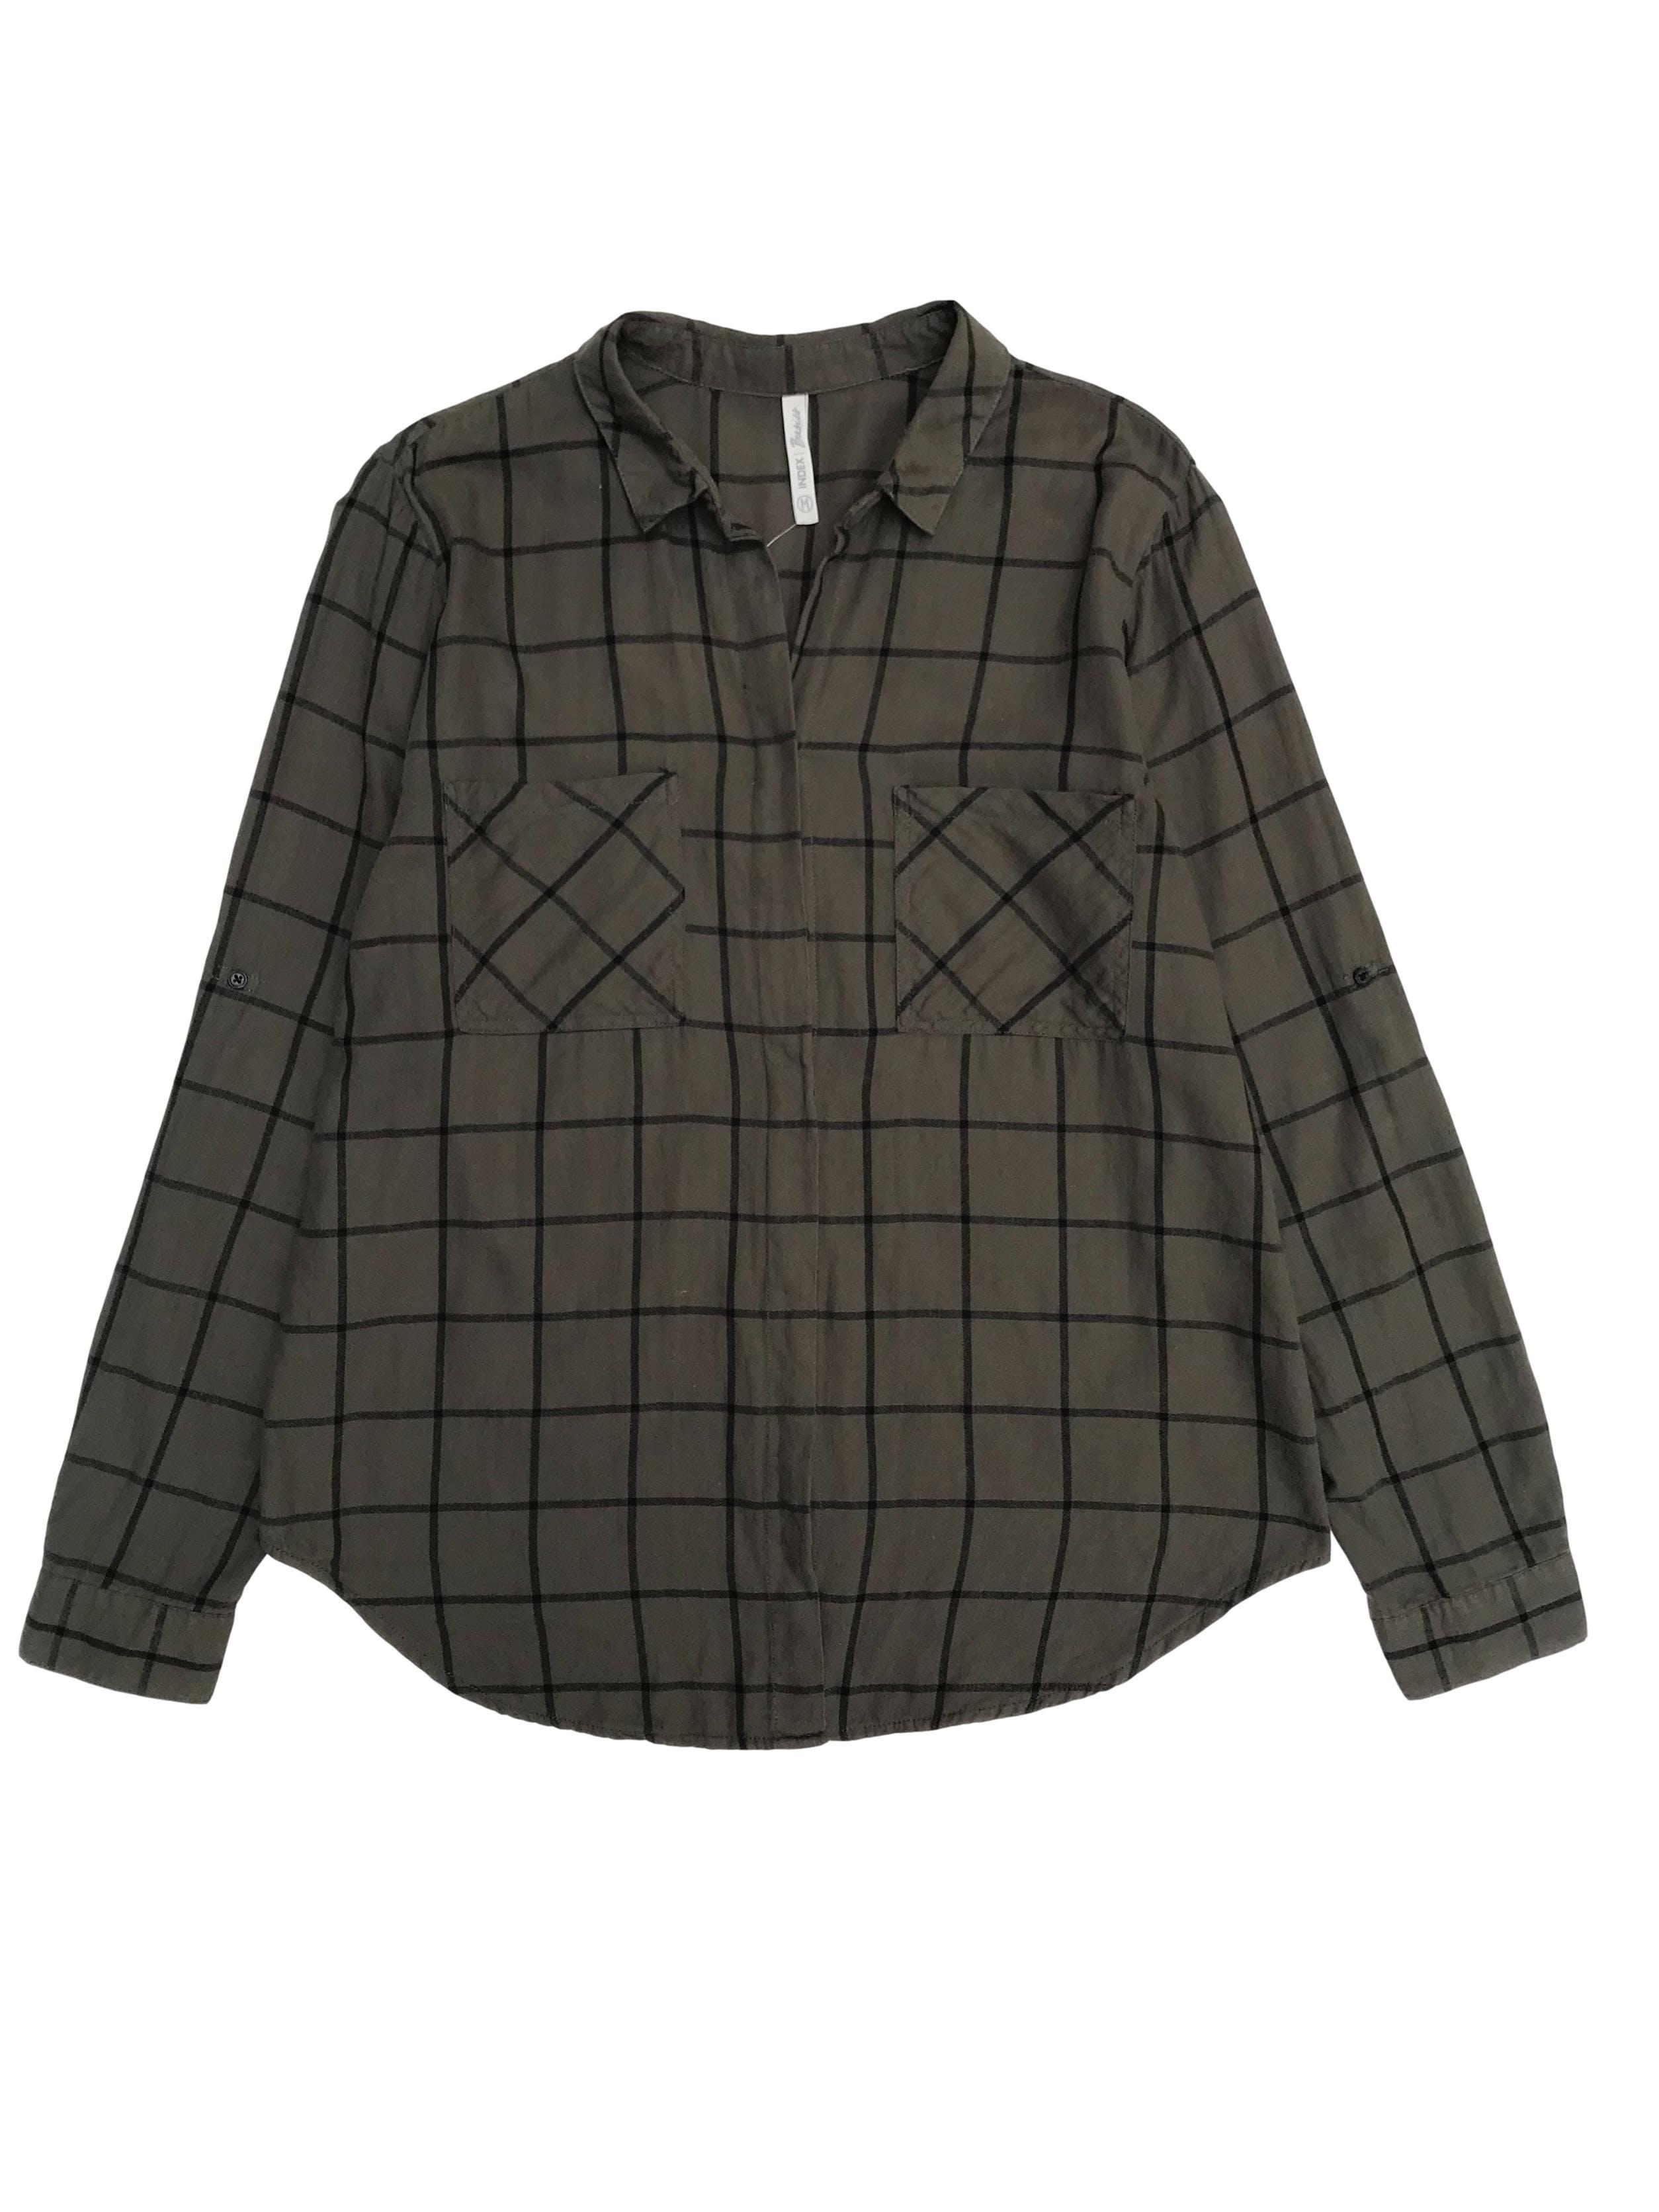 Camisa verde a cuadros negros con bolsillos y botones delanteros